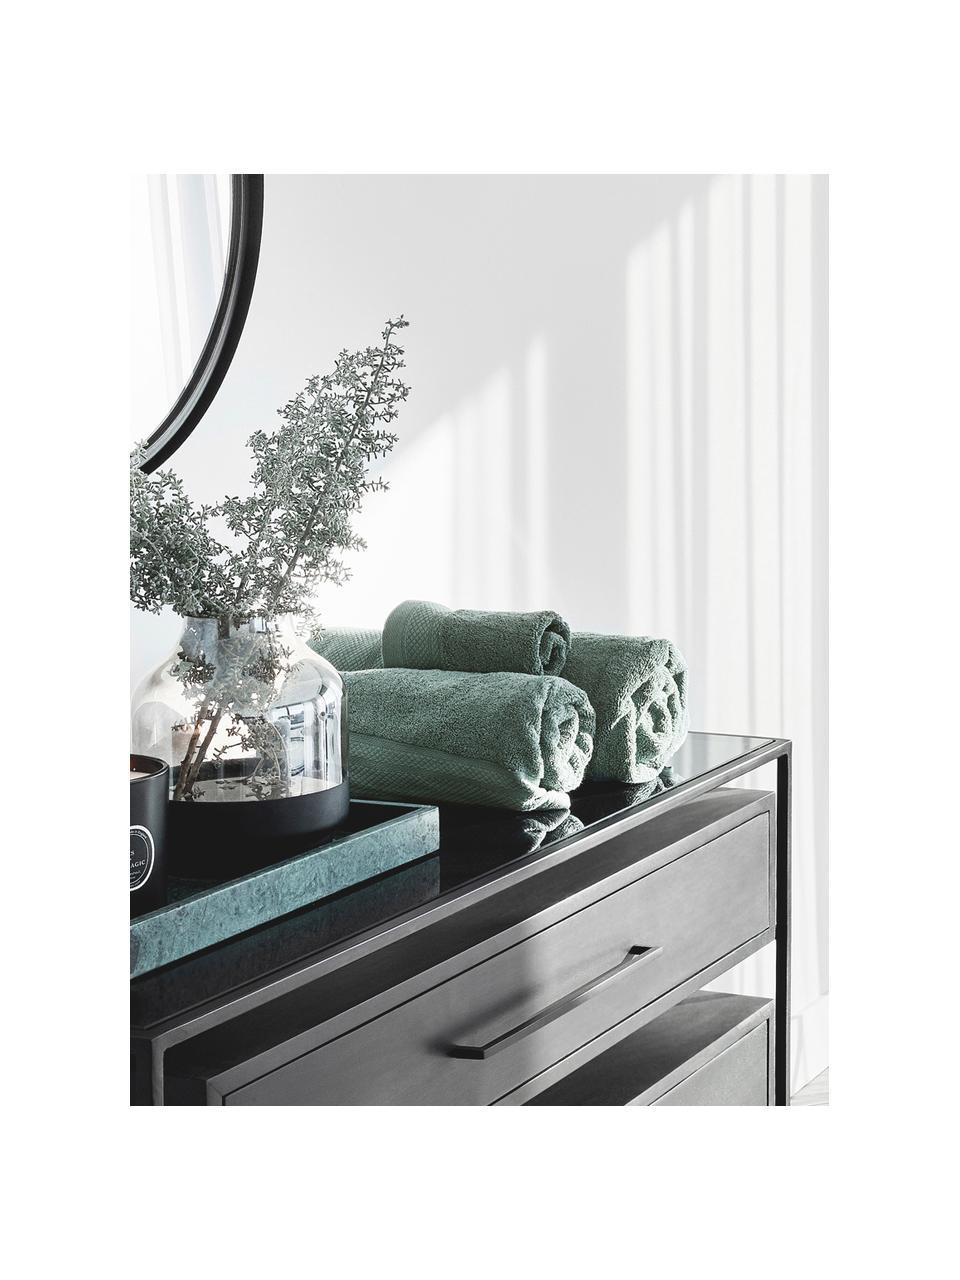 Handdoekenset Premium met klassiek sierborduursel, 3-delig, Saliegroen, Set mit verschiedenen Größen